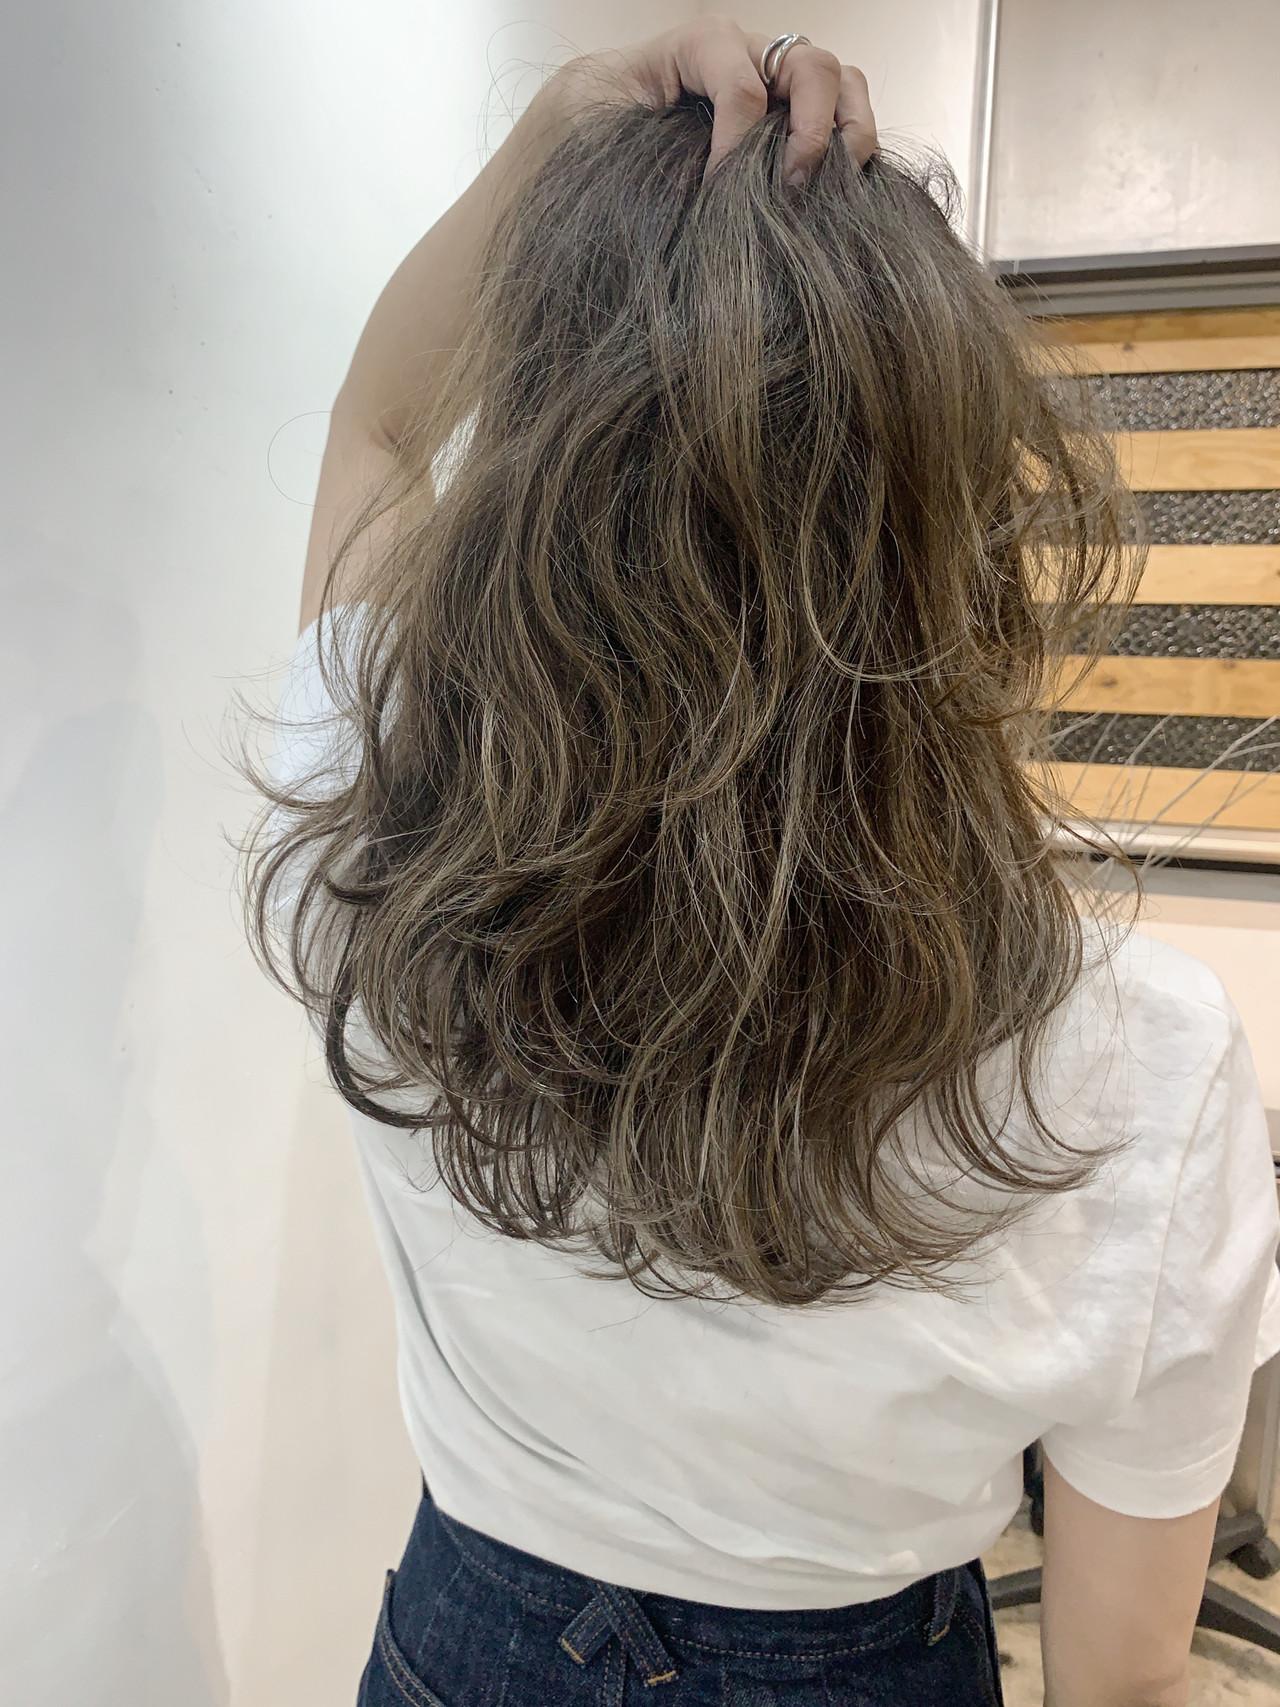 ベージュ グラデーション アッシュベージュ ストリート ヘアスタイルや髪型の写真・画像 | 内山 俊平【C・crew】 / C・crew